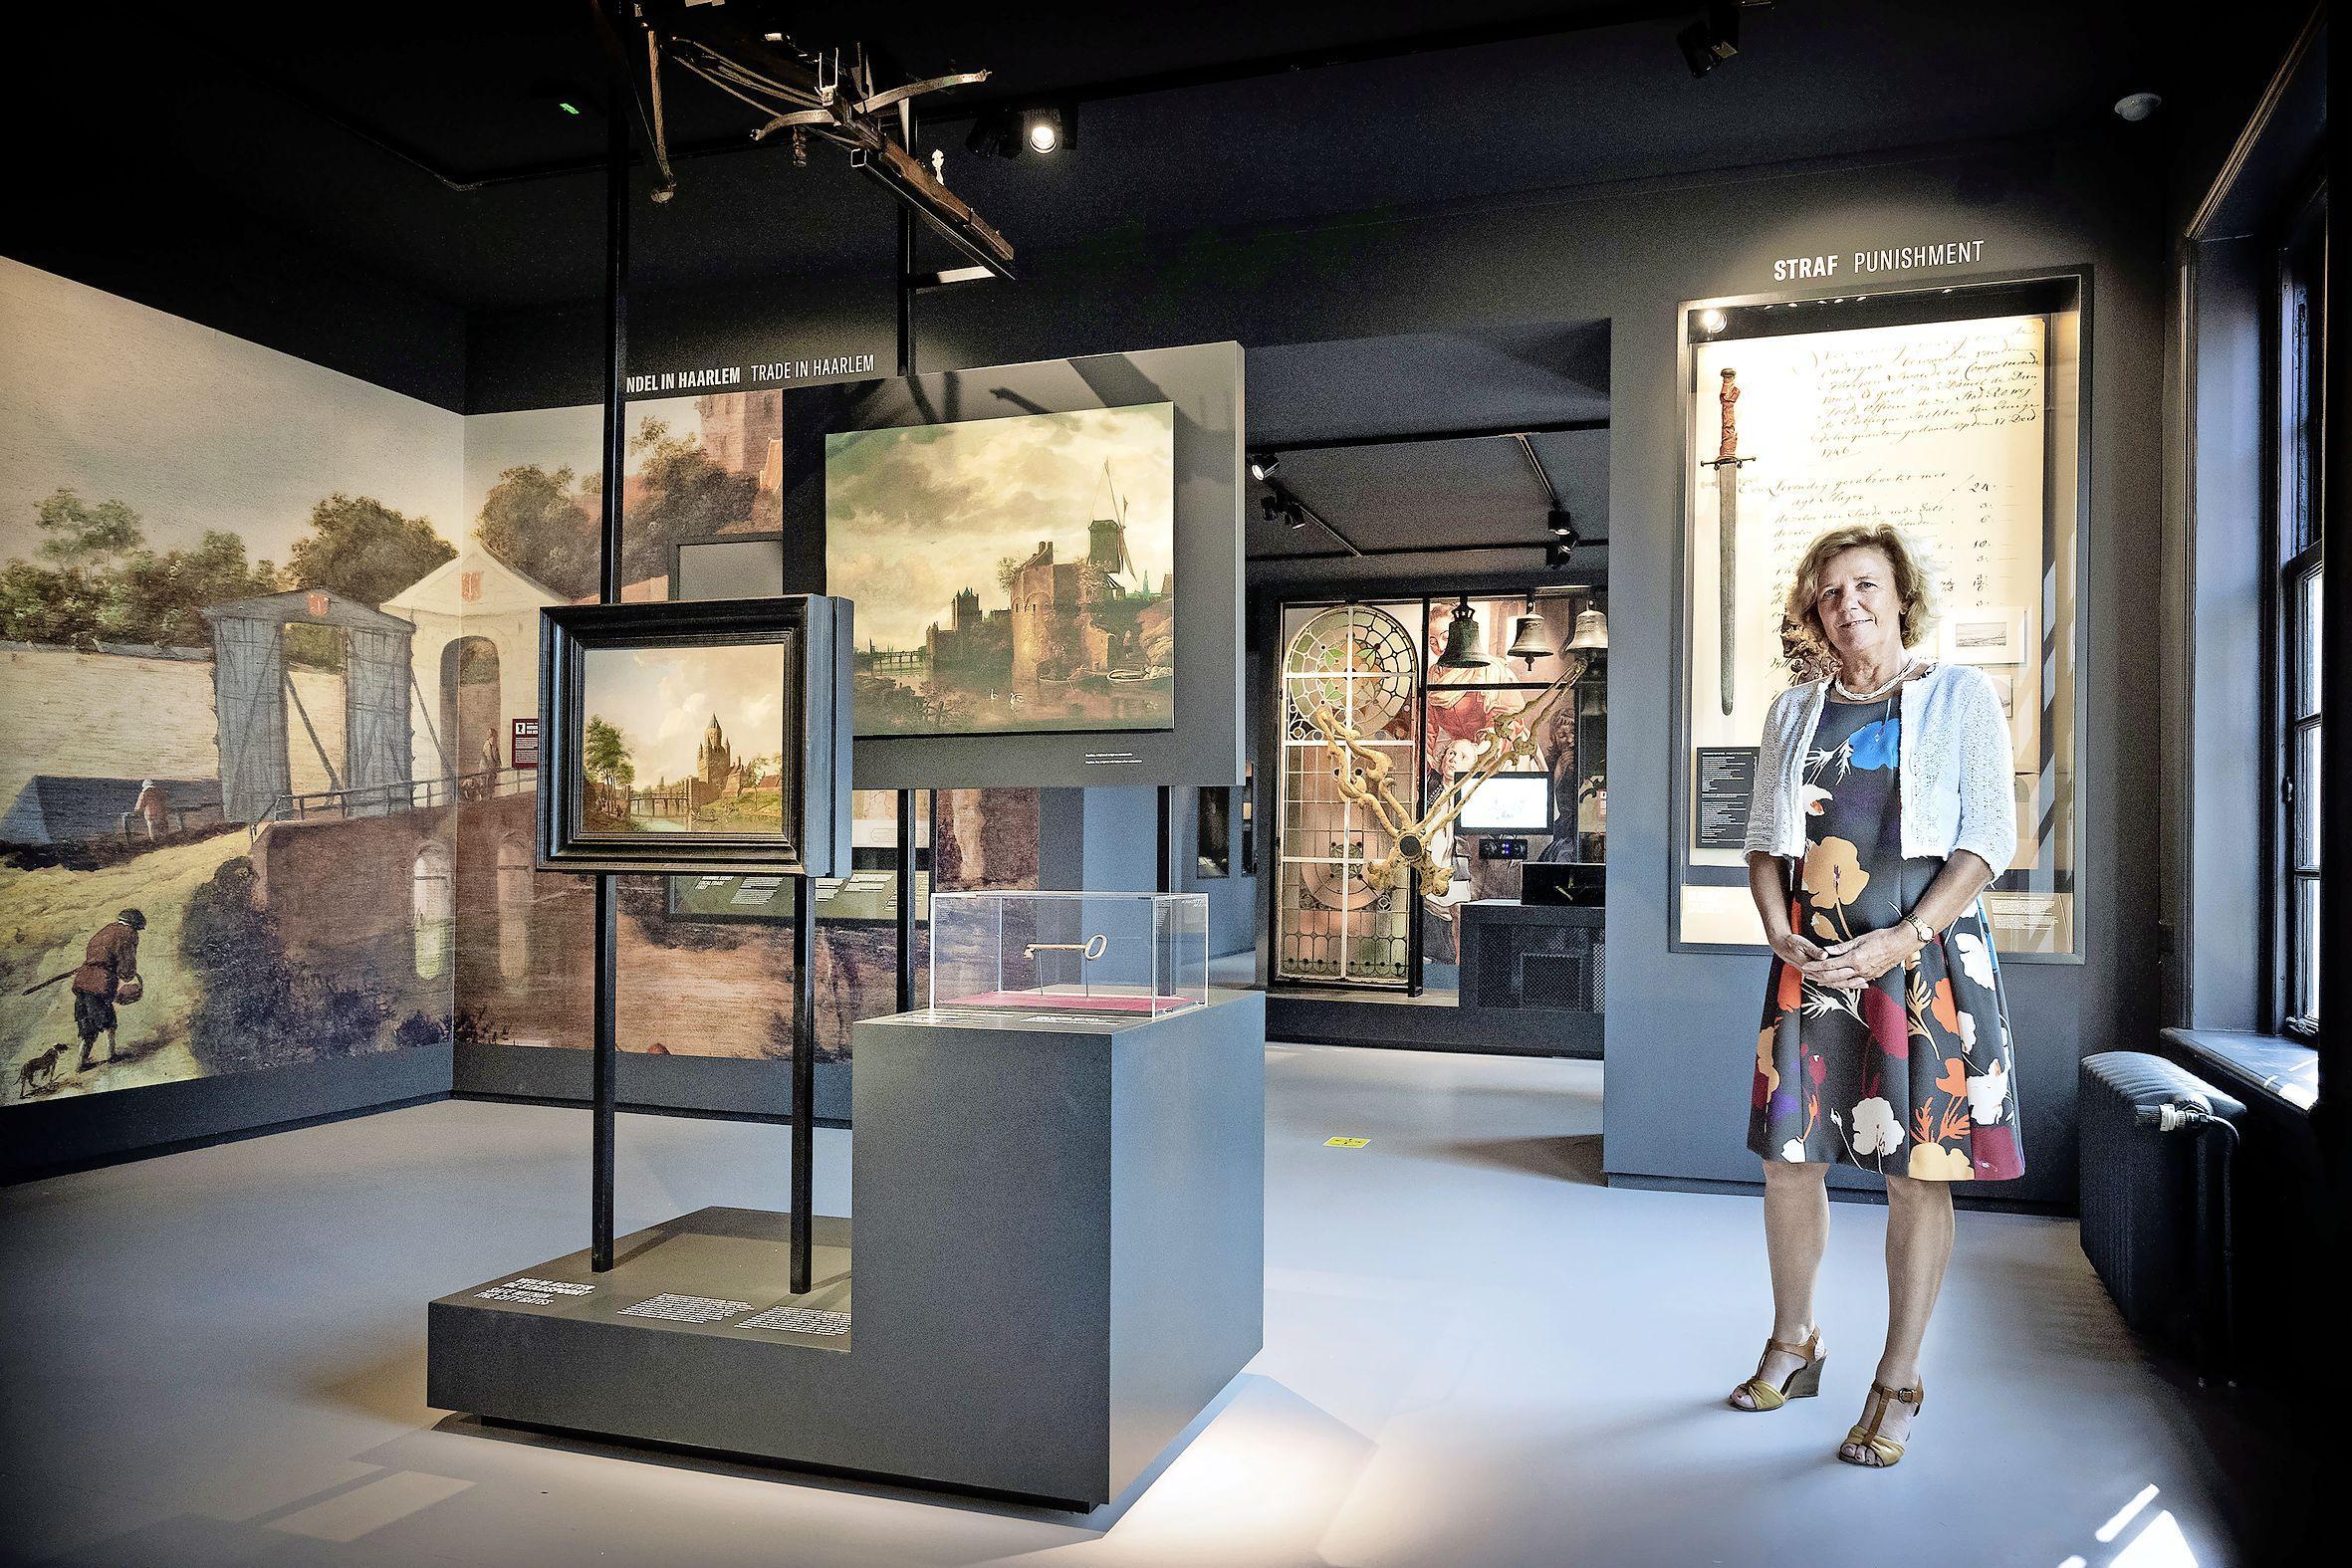 Oproep Laura van der Wijden; 'Laten we duimen dat het Museum Haarlem weer open mag'